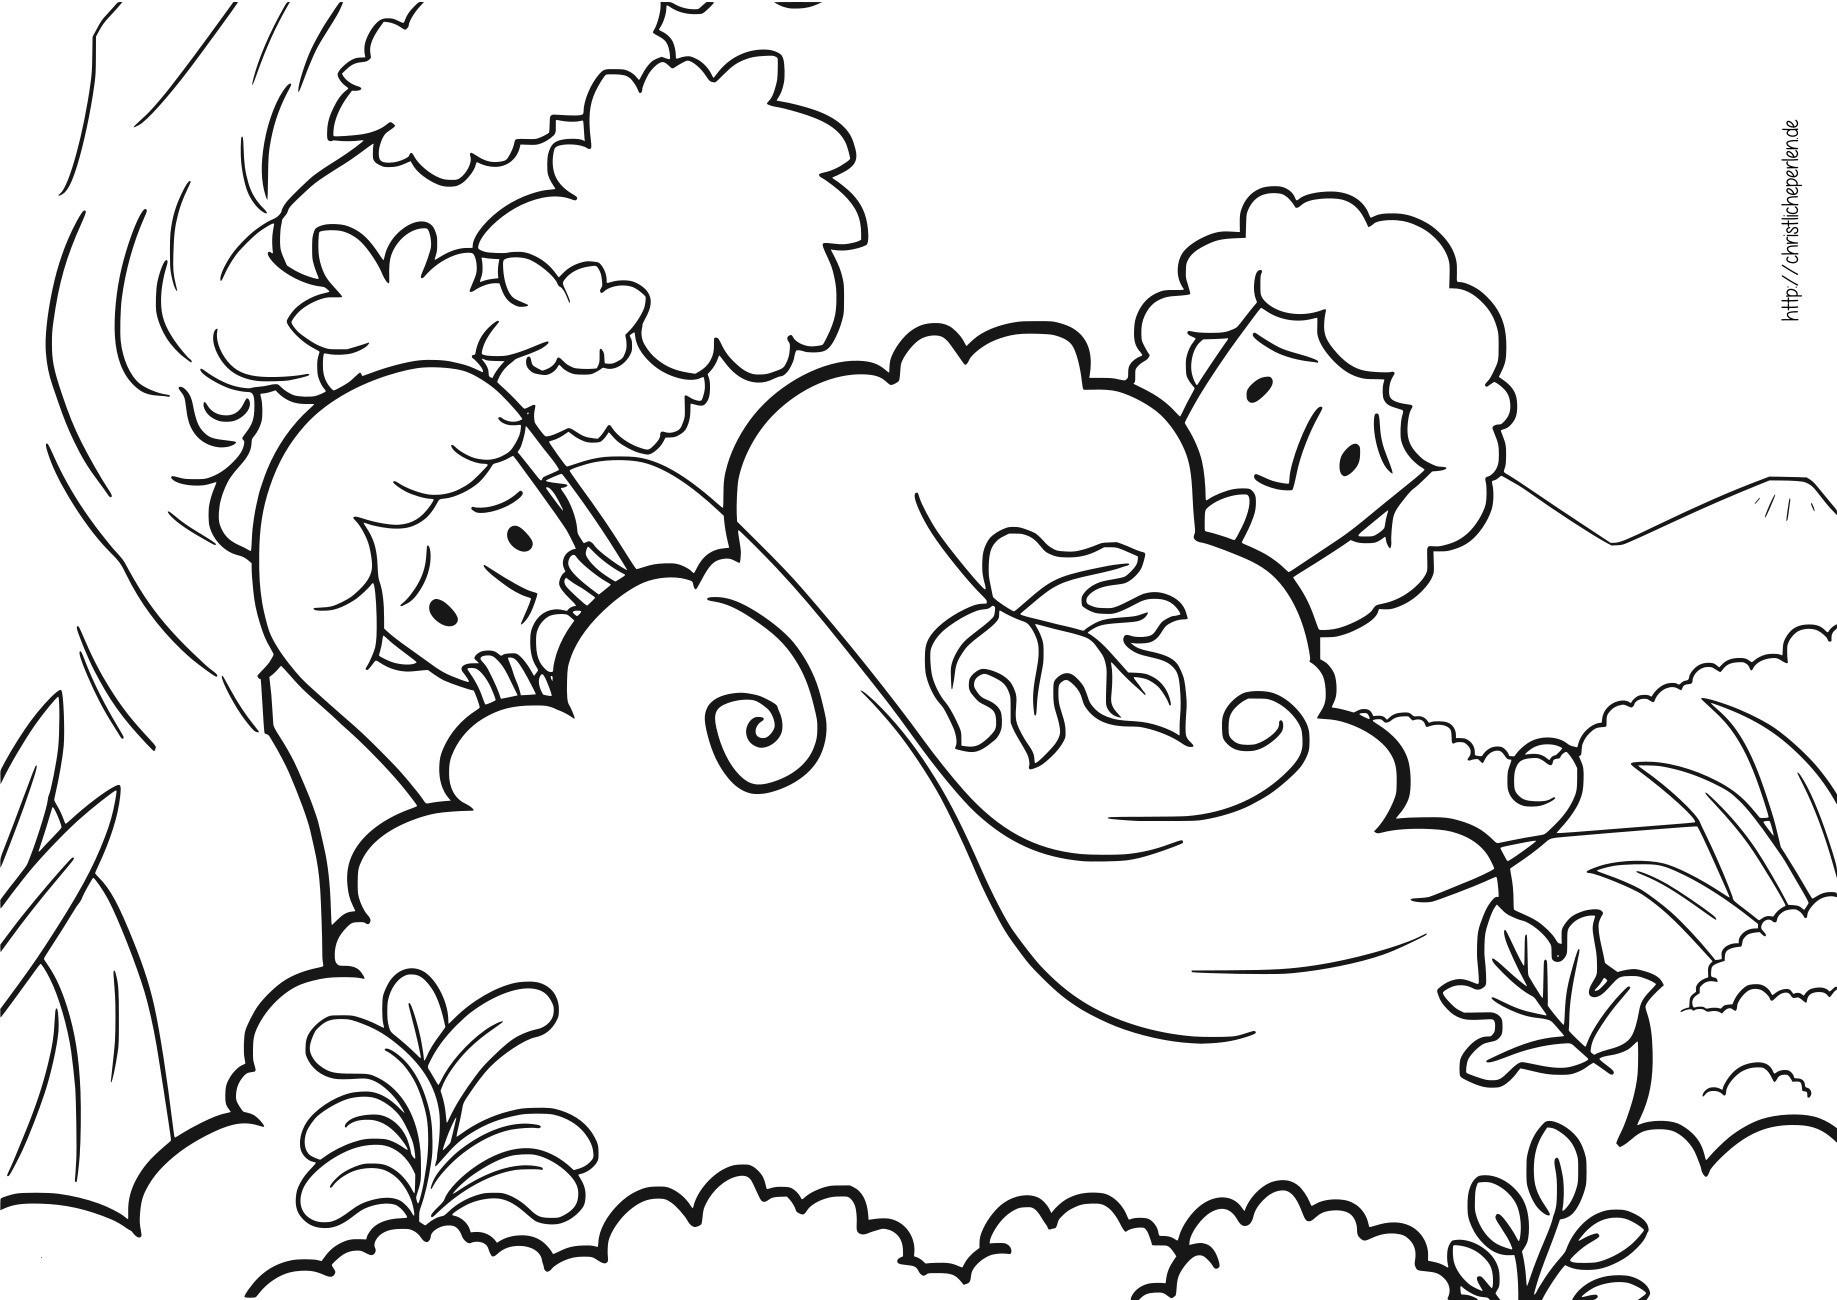 Maulwurf Bilder Zum Ausdrucken Inspirierend Ausmalbilder Kleiner Maulwurf Genial Adam Und Eva Ausmalbilder Bilder